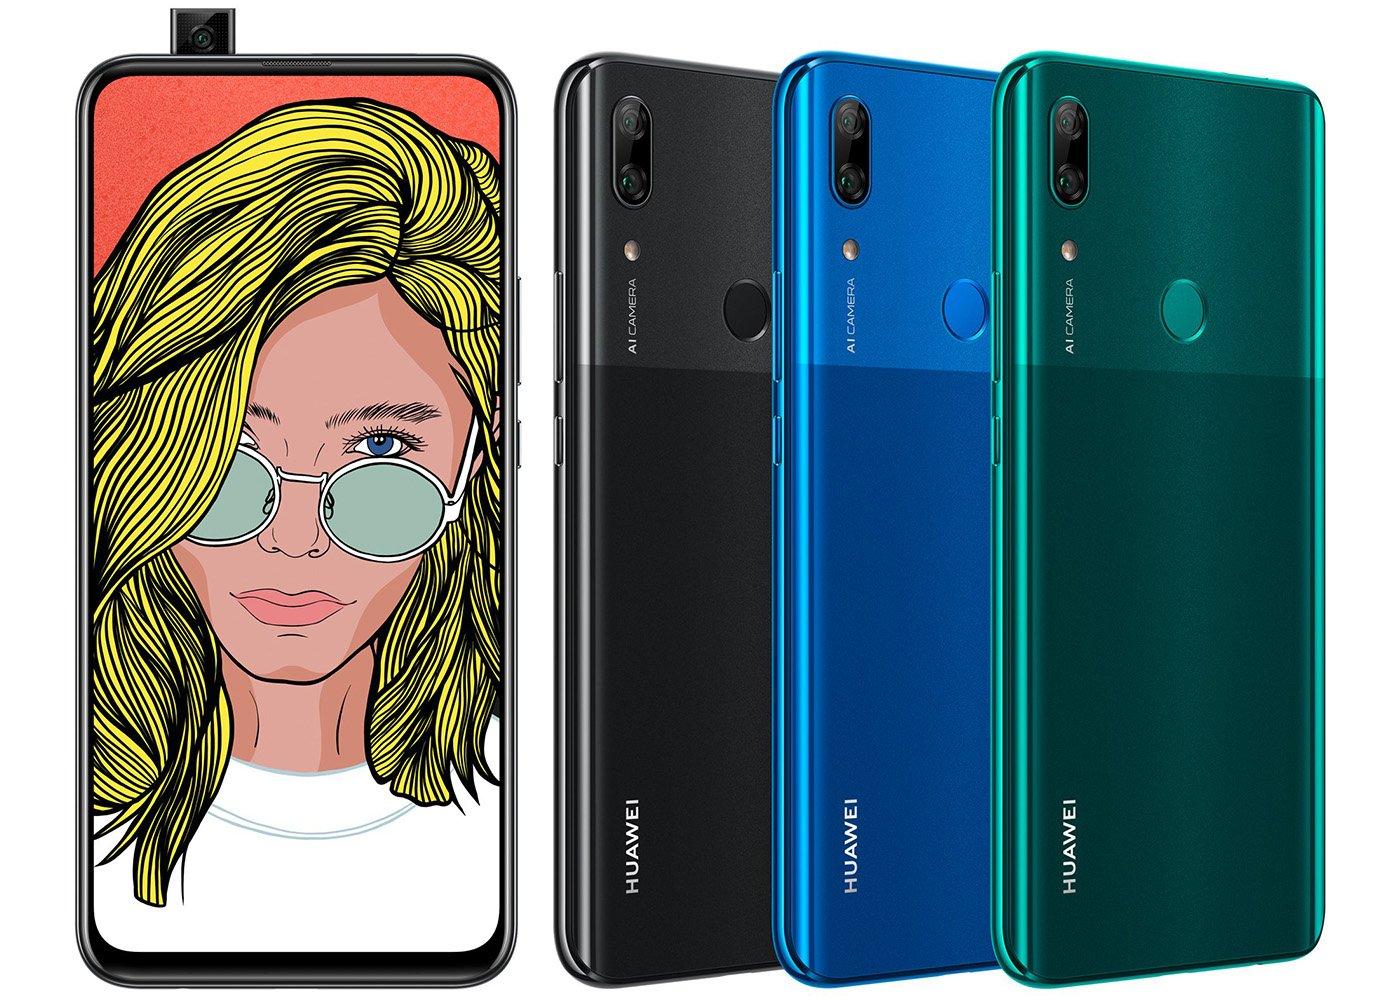 Huawei P Smart Z Full Details, Huawei P Smart Z Camera Test, Huawei P Smart Z Display Size, Huawei P Smart Z Price, Huawei P Smart Z Testing, Huawei P Smart Z Cam, Huawei P Smart Z